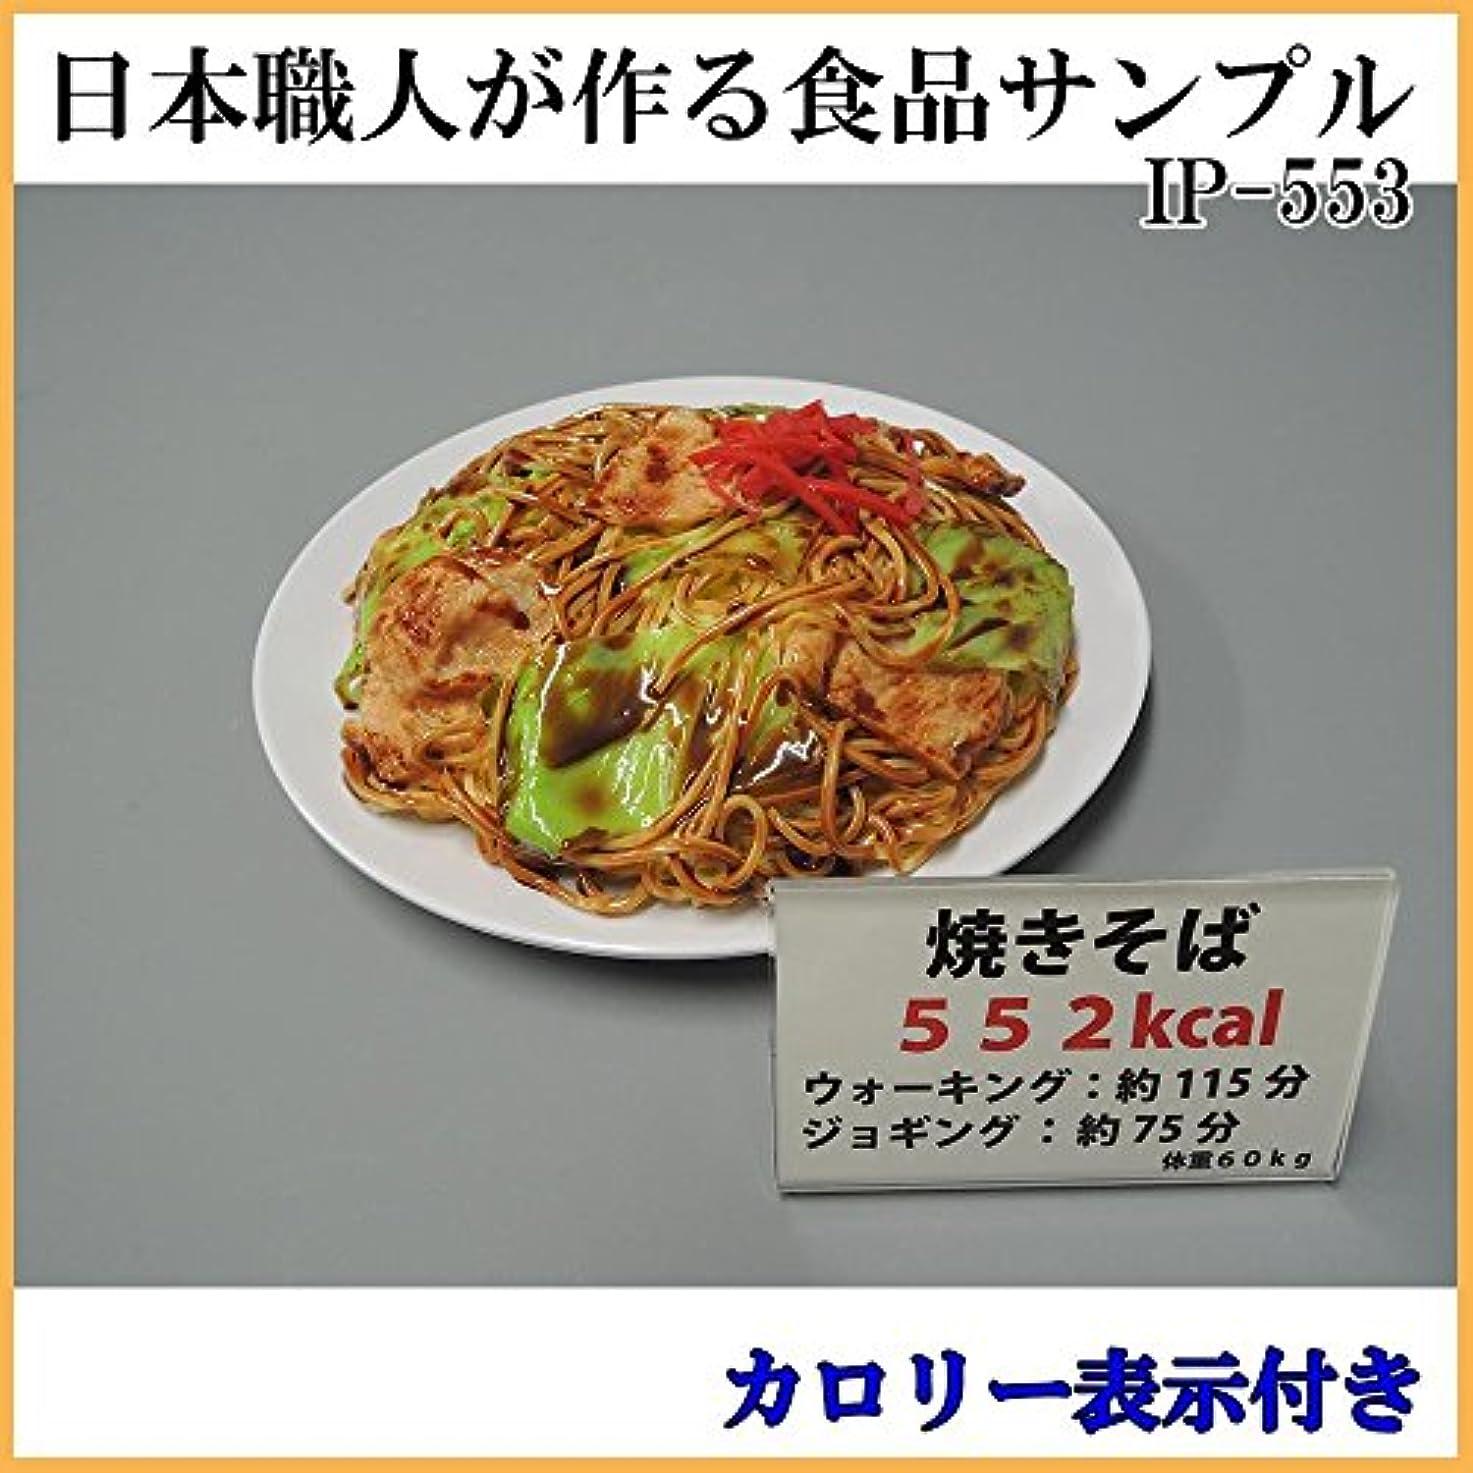 パフ緯度グリース日本職人が作る 食品サンプル カロリー表示付き 焼きそば IP-553